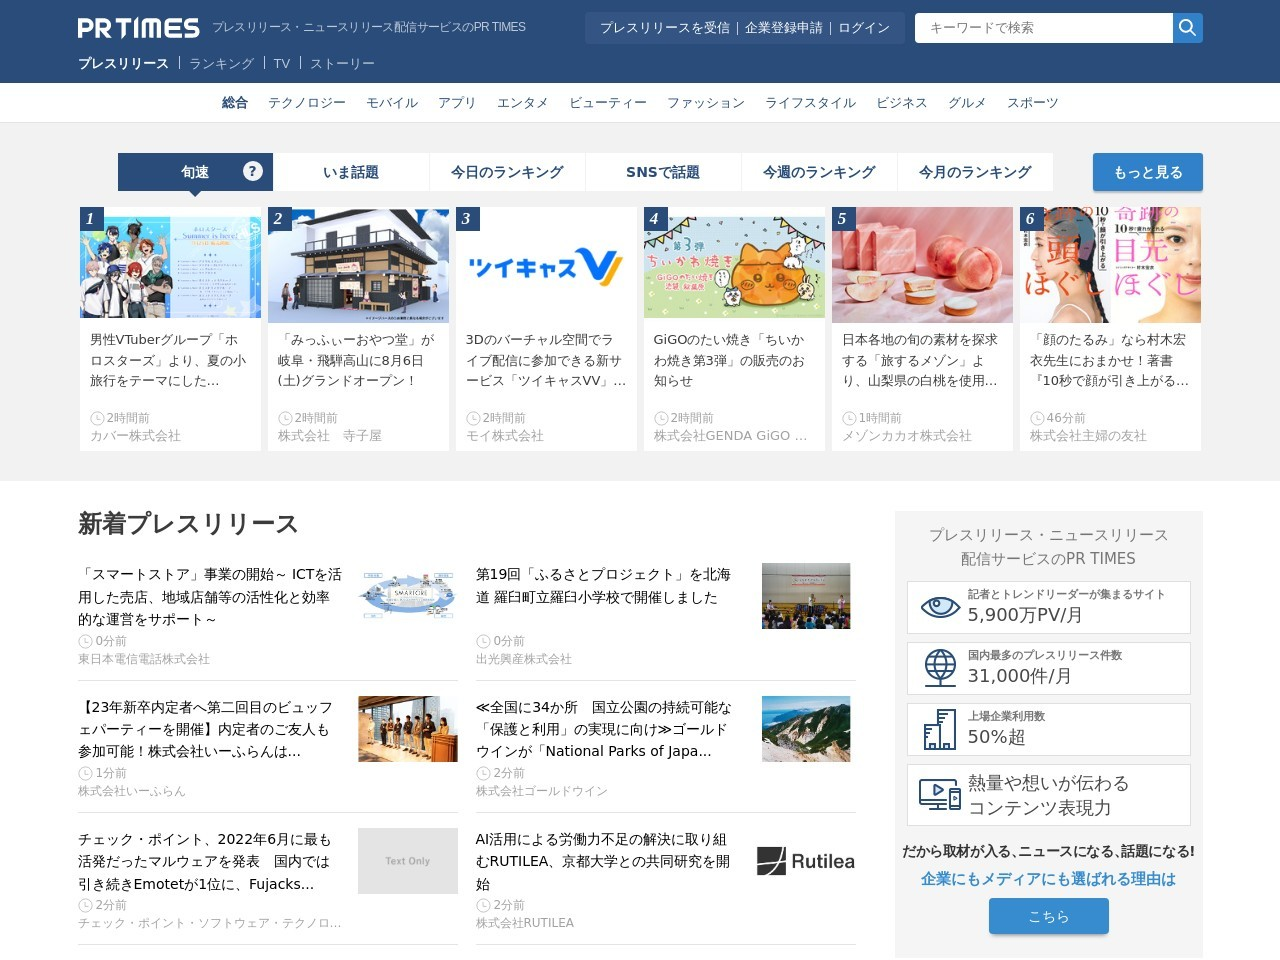 「正社員が働きやすい都道府県ランキング」を発表 1位は愛知県(企業口コミサイトキャリコネ)